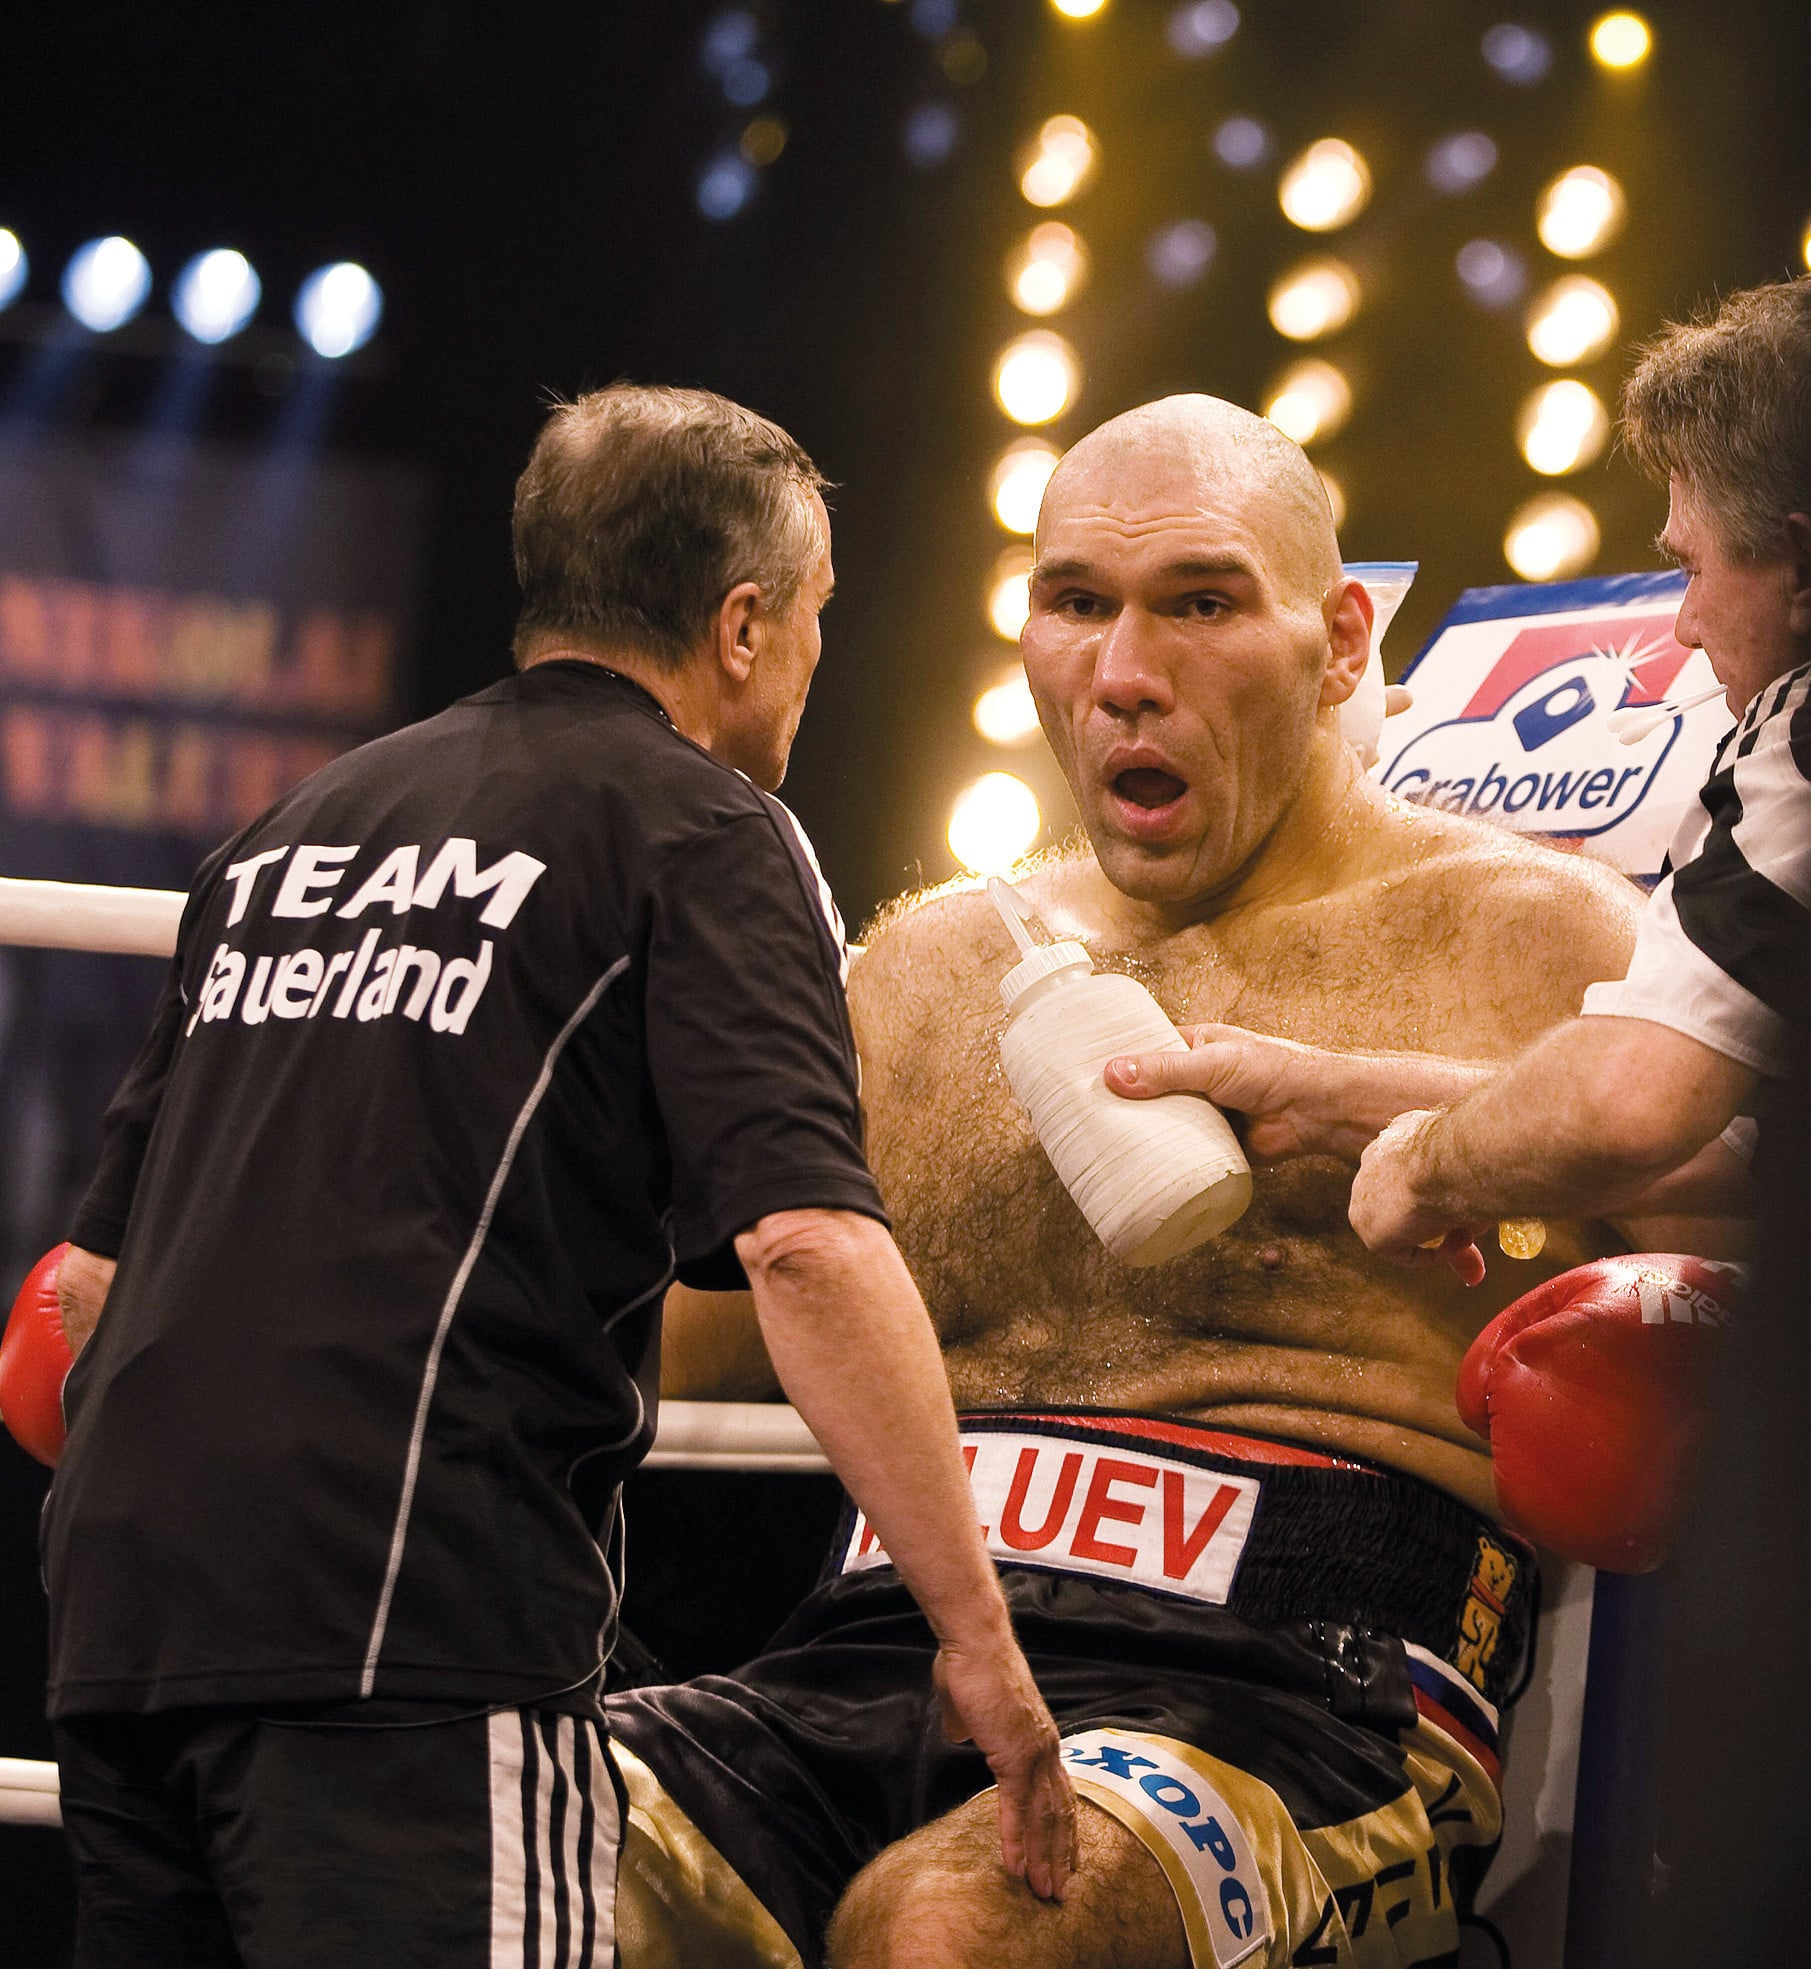 Тебя прикольные, смешные картинки про бокс